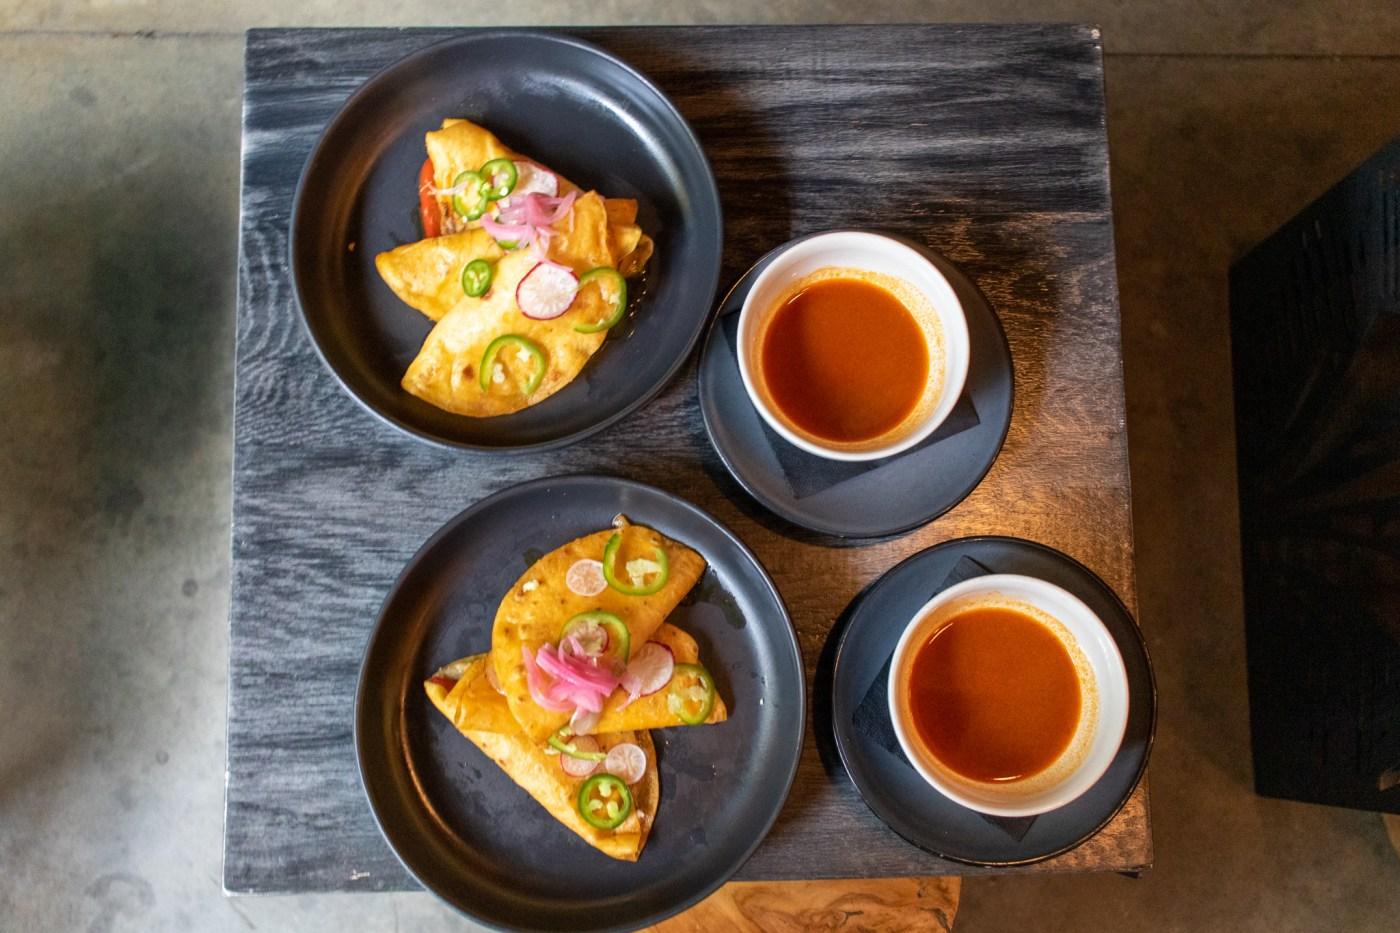 Birria tacos - best things we ate in Birmingham in July